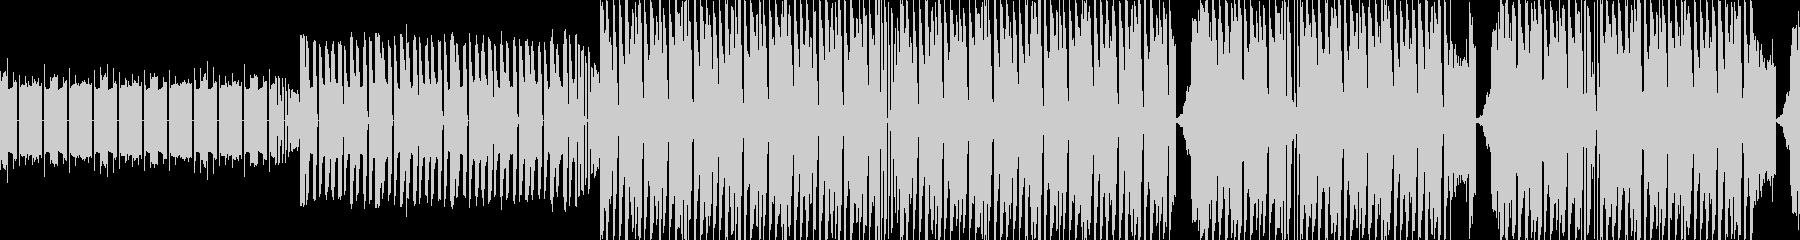 【ほのぼのクイズ考え中エレクトロニカ】の未再生の波形